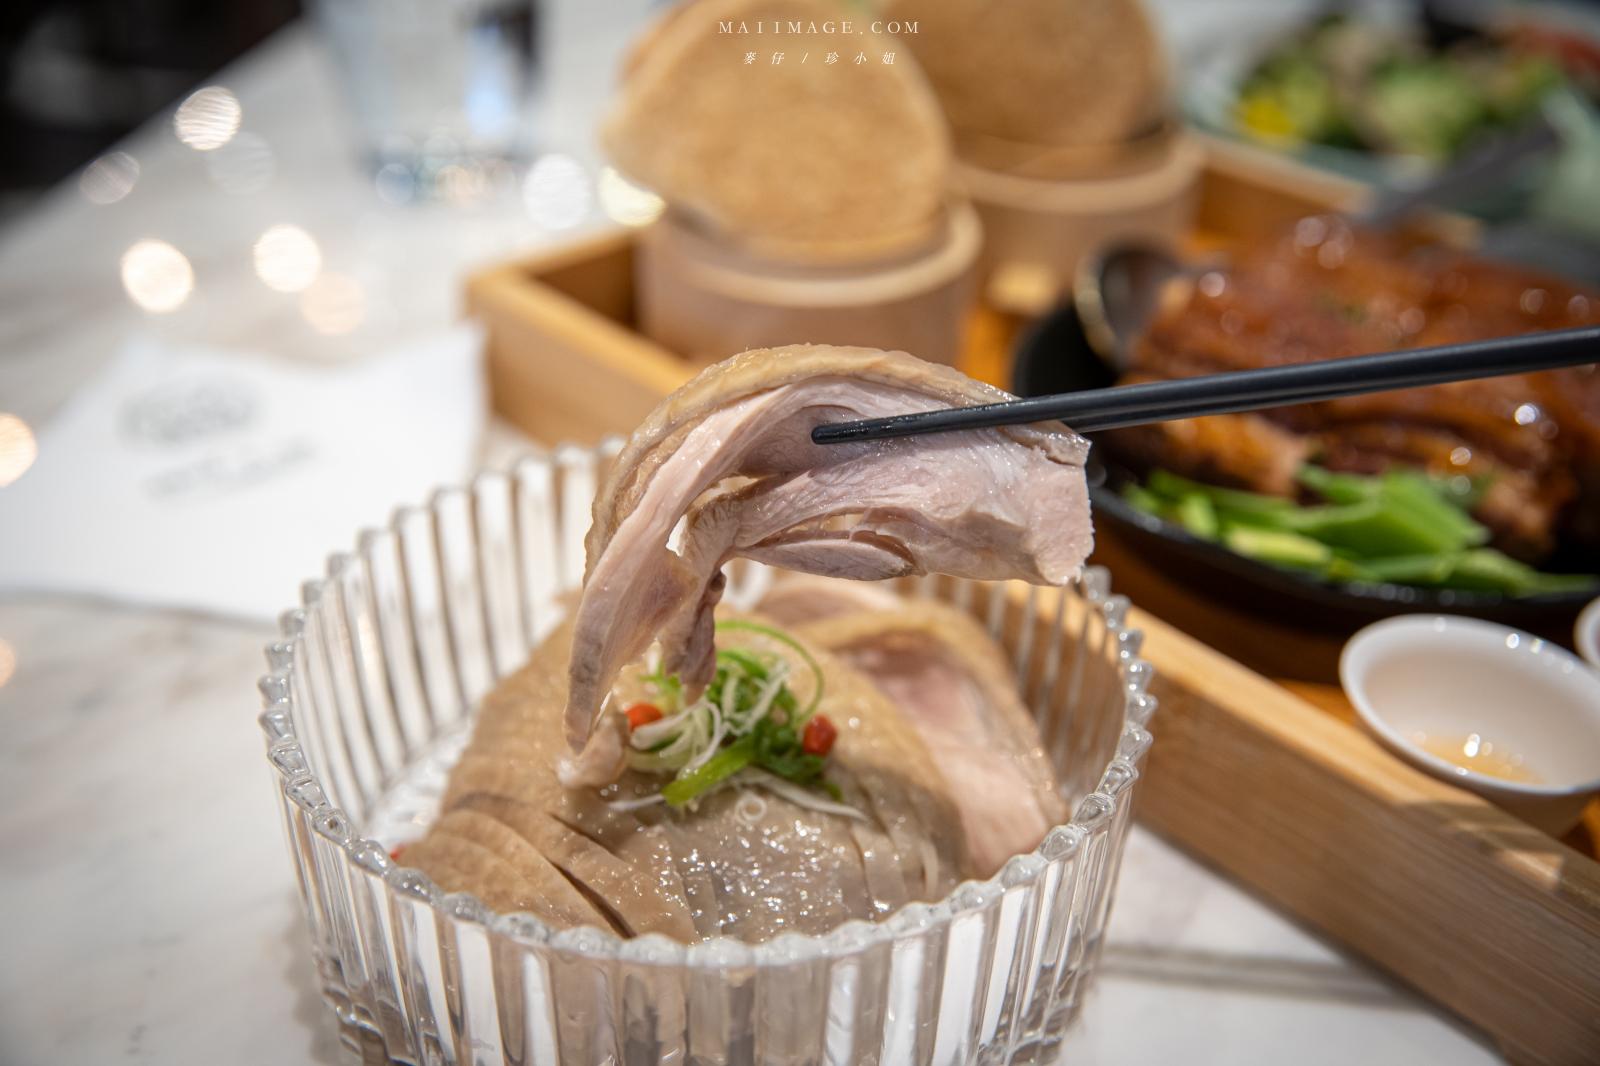 飯Bar內湖旗艦店 中式料理也可以吃得很有儀式感,必點花雕遇到雞、美人茶遇東坡肉,現場製作提拉米蘇好吸睛,捷運西湖站美食推薦